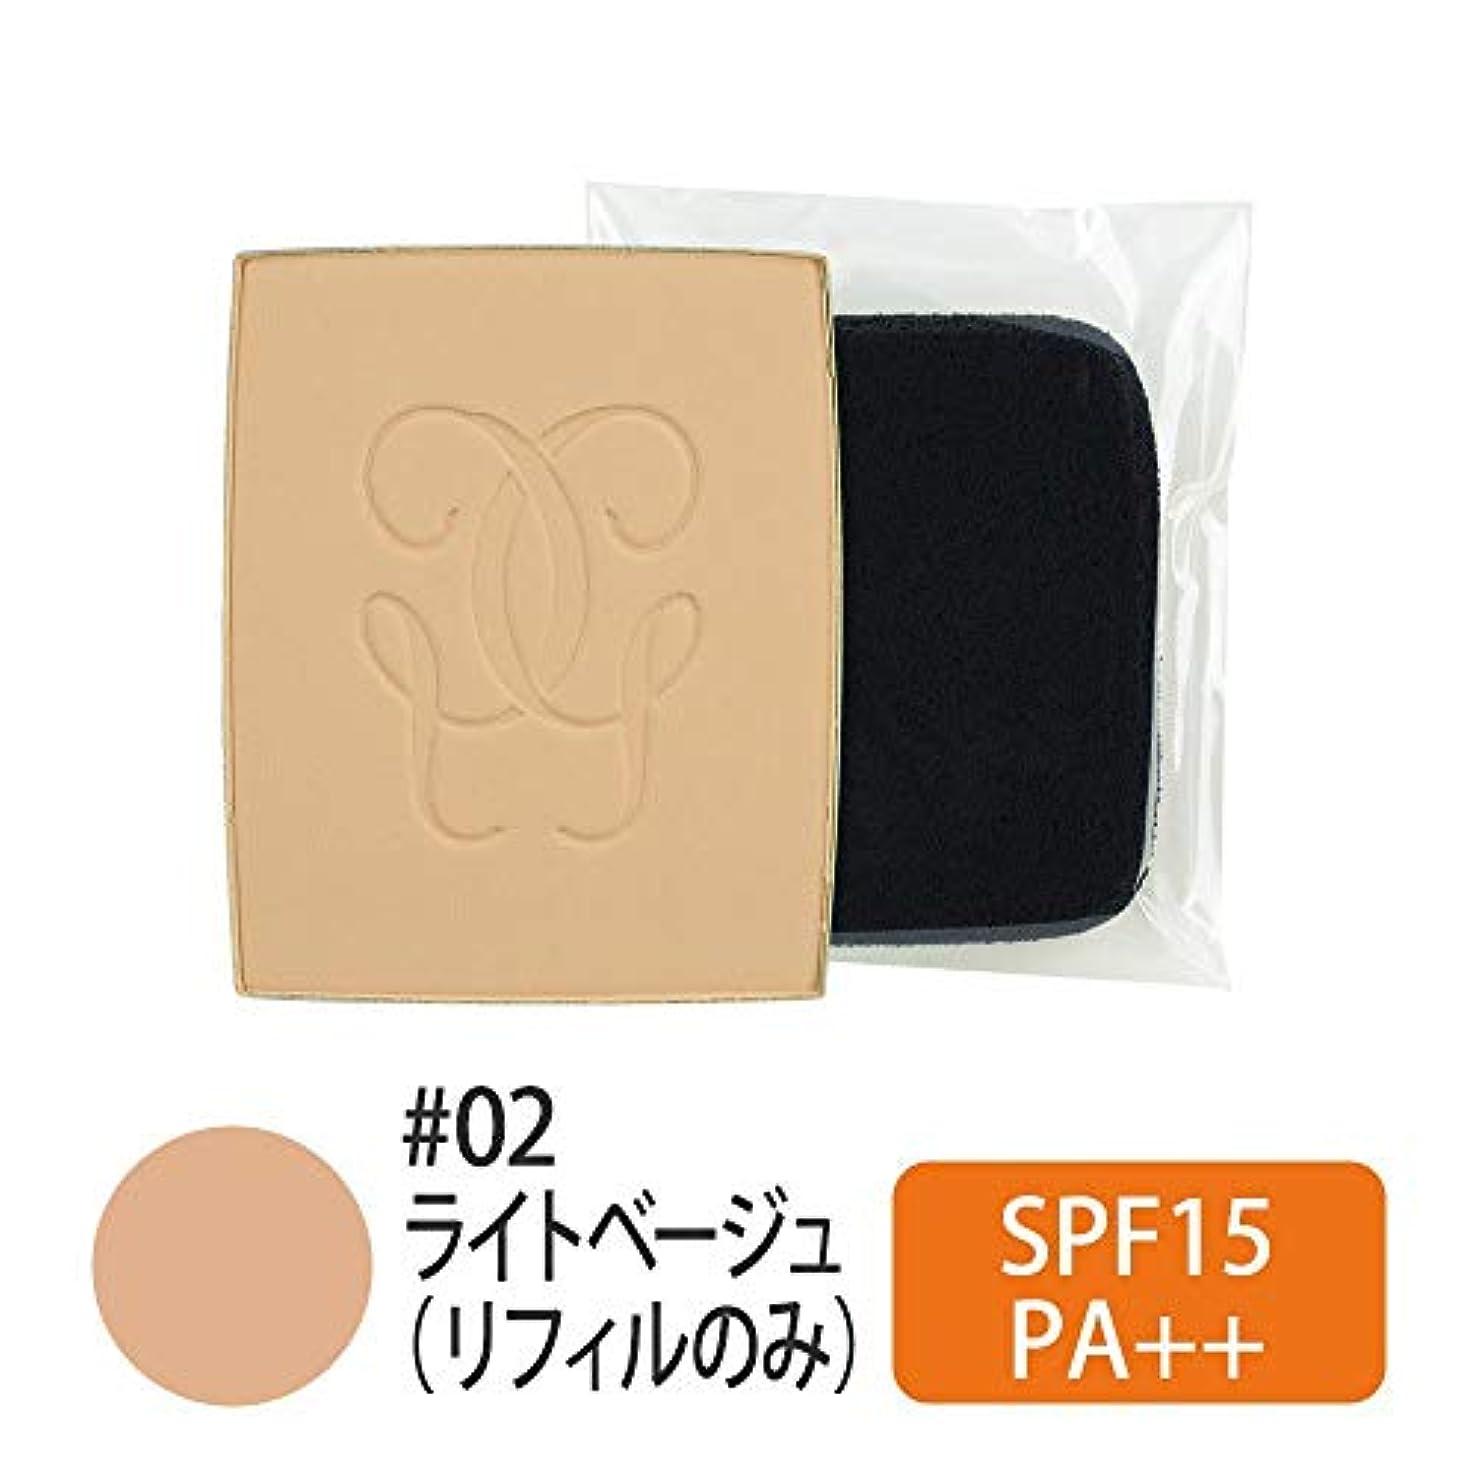 泥乳白色精緻化ゲラン(Guerlain) 【リフィルのみ】パリュール ゴールド コンパクト SPF15/PA++ #02(ライトベージュ) [並行輸入品]